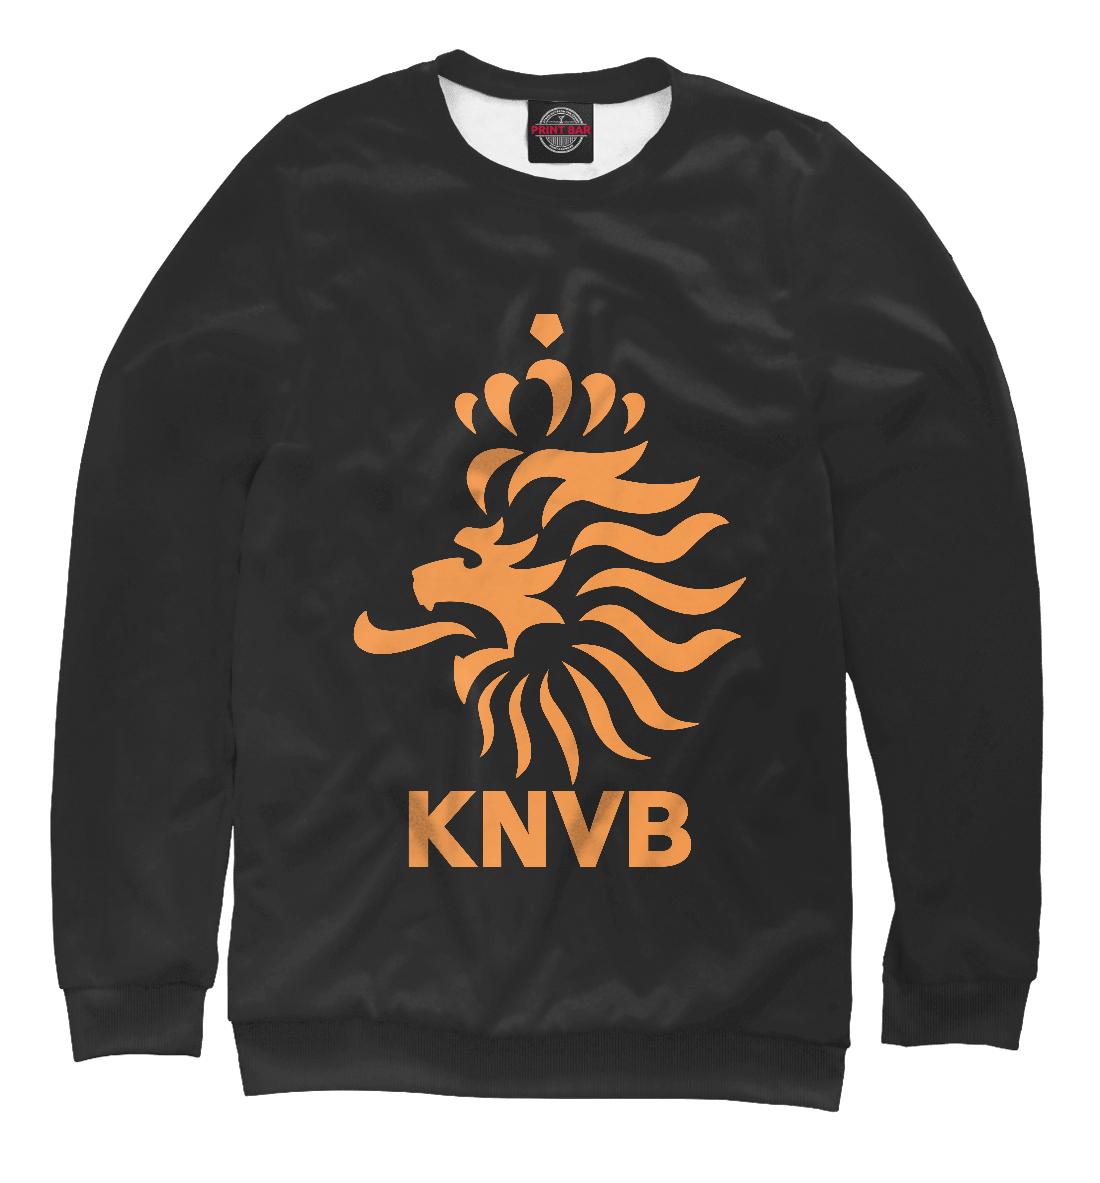 Сборная Голландии, Printbar, Свитшоты, EUR-876643-swi-1  - купить со скидкой